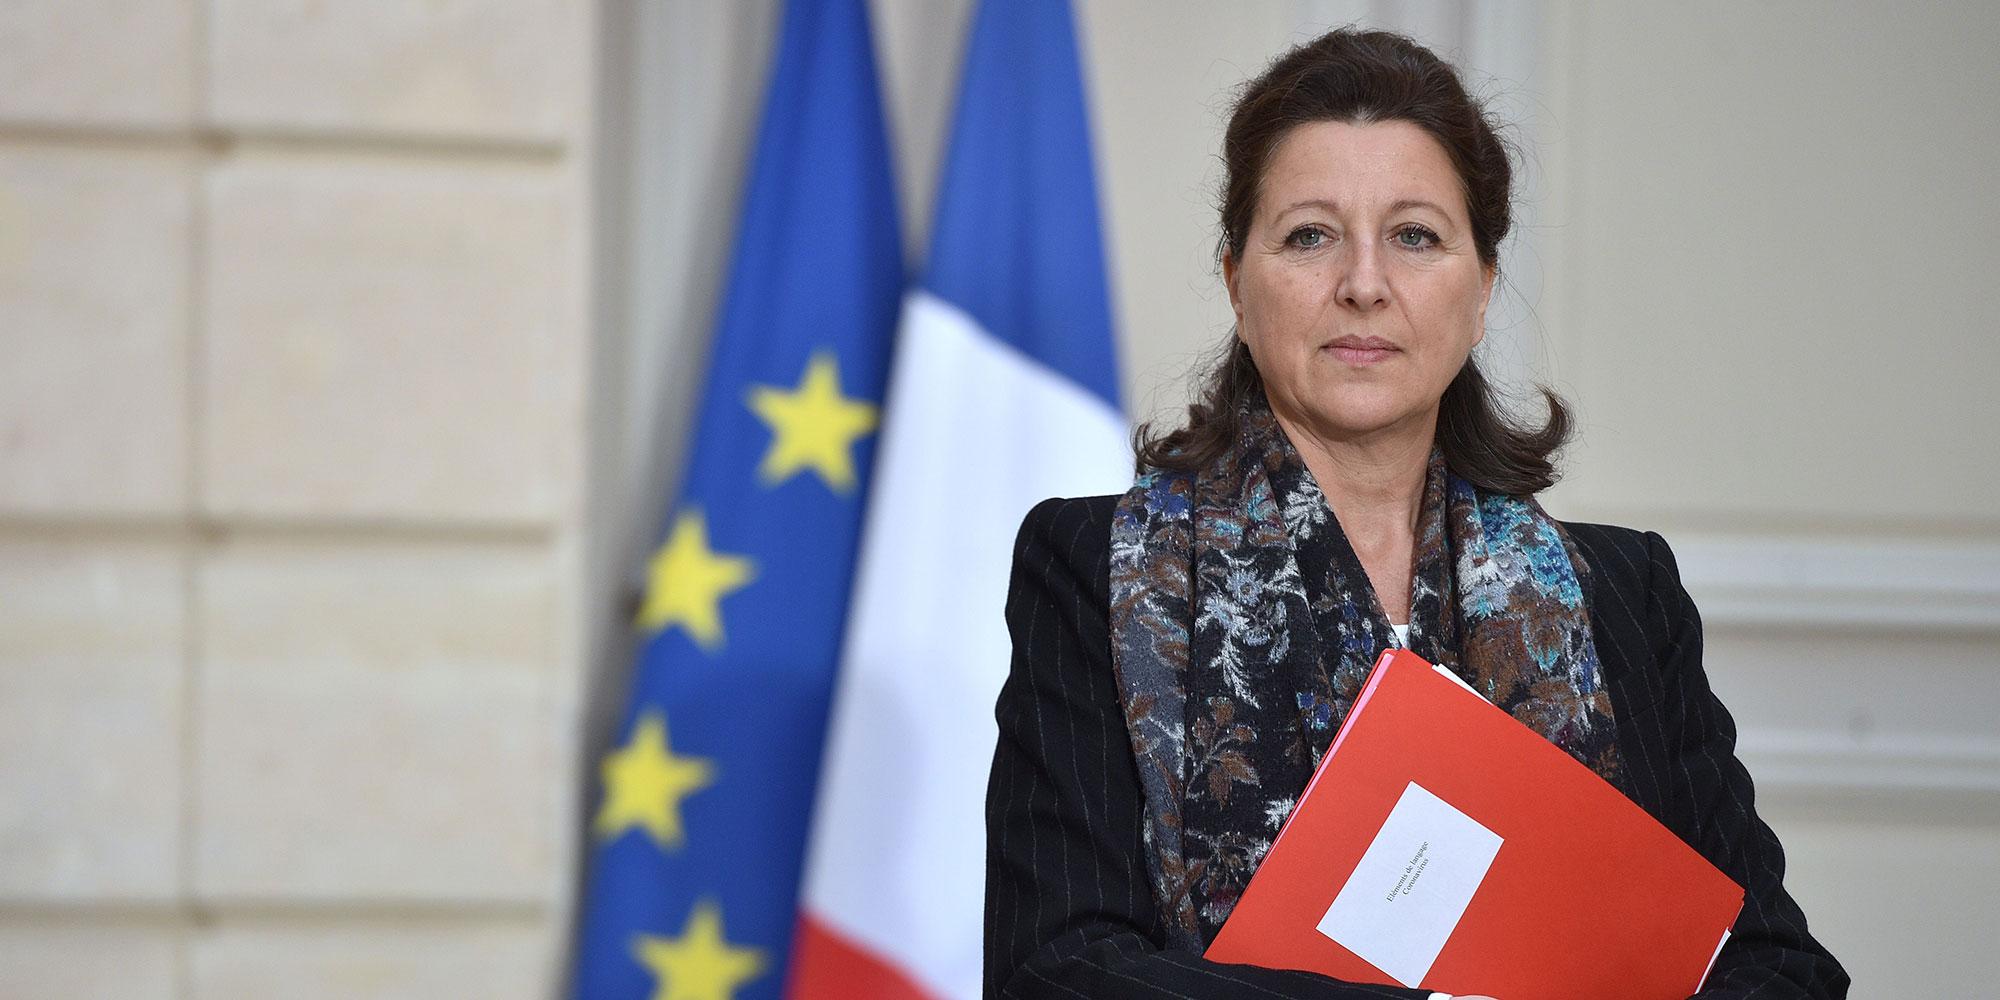 Municipales à Paris : les forces et faiblesses d'Agnès Buzyn, nouvelle candidate de La République en marche